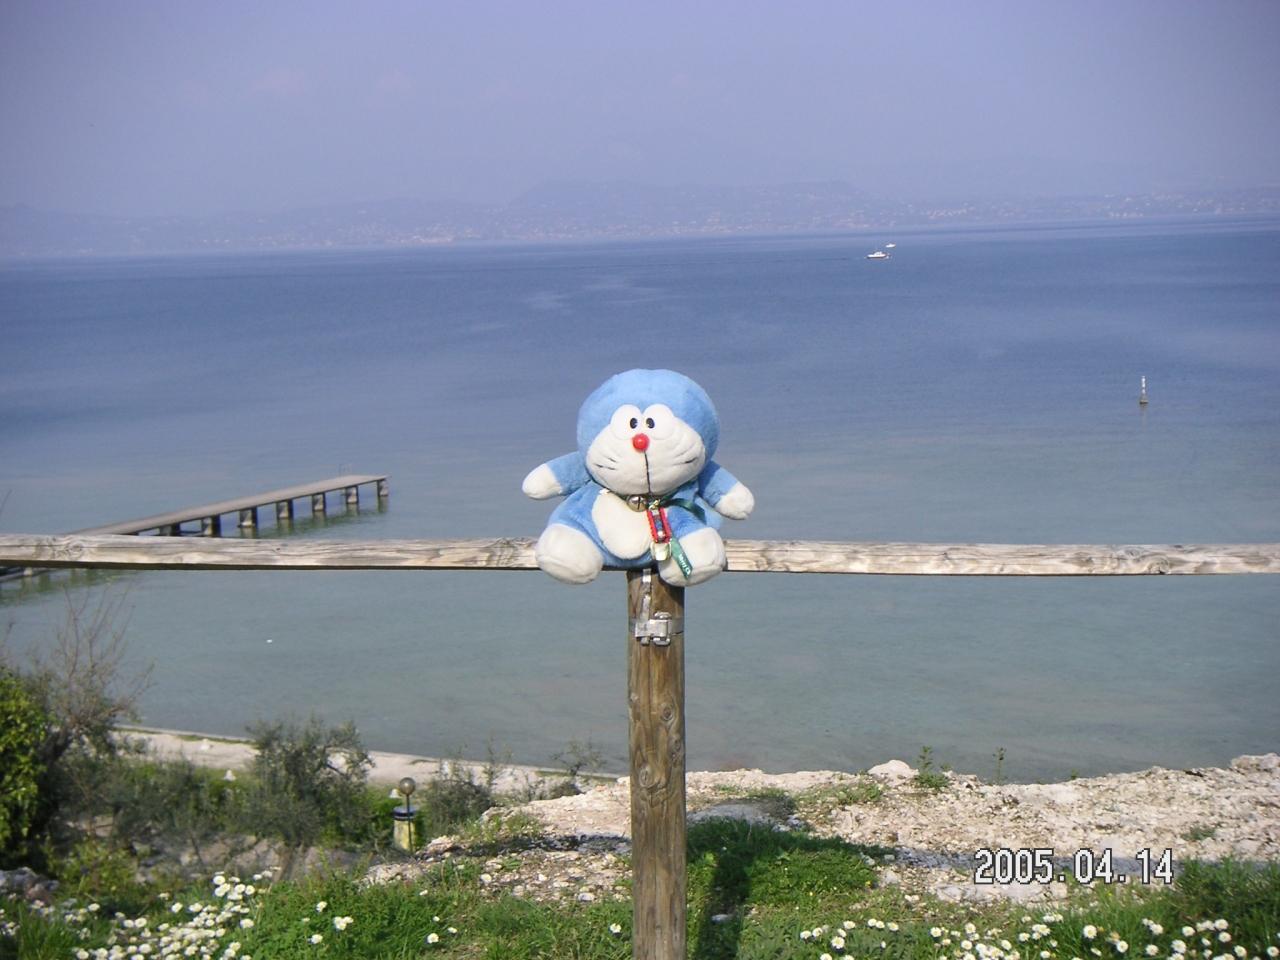 『ガルダ湖にある温泉保養地シルミオーネ』by tamaemonさん ...